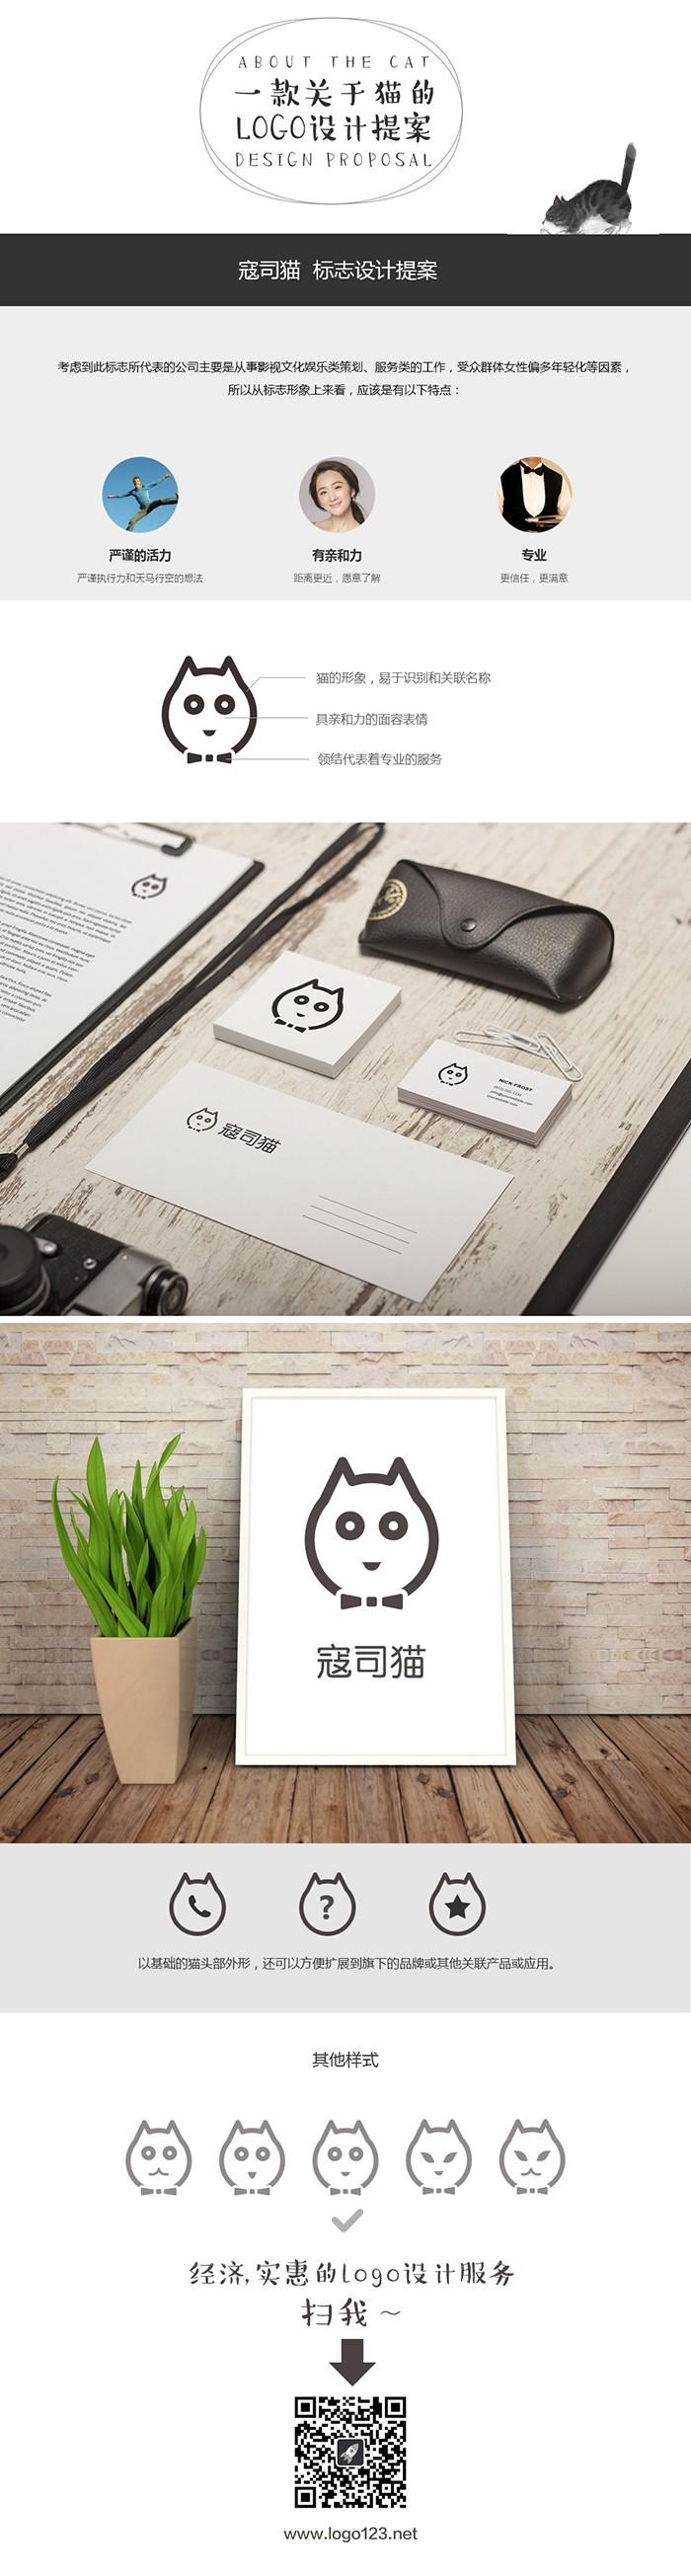 一款关于猫的logo设计提案